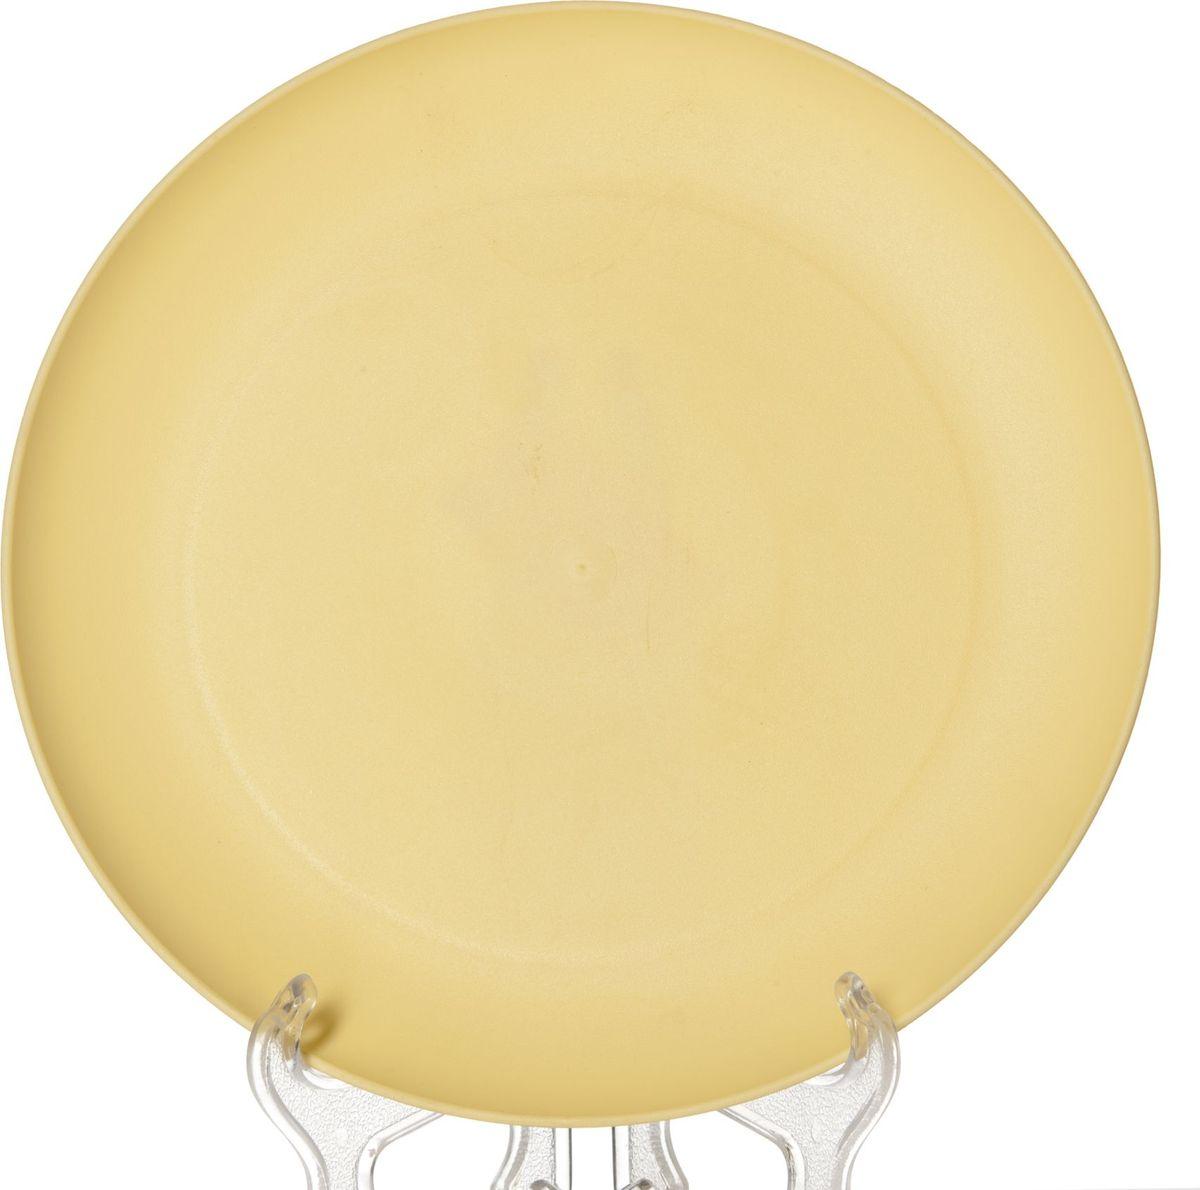 Тарелка Gotoff, диаметр 23,5 см. WTC-27354 009312Тарелка круглая 235*16